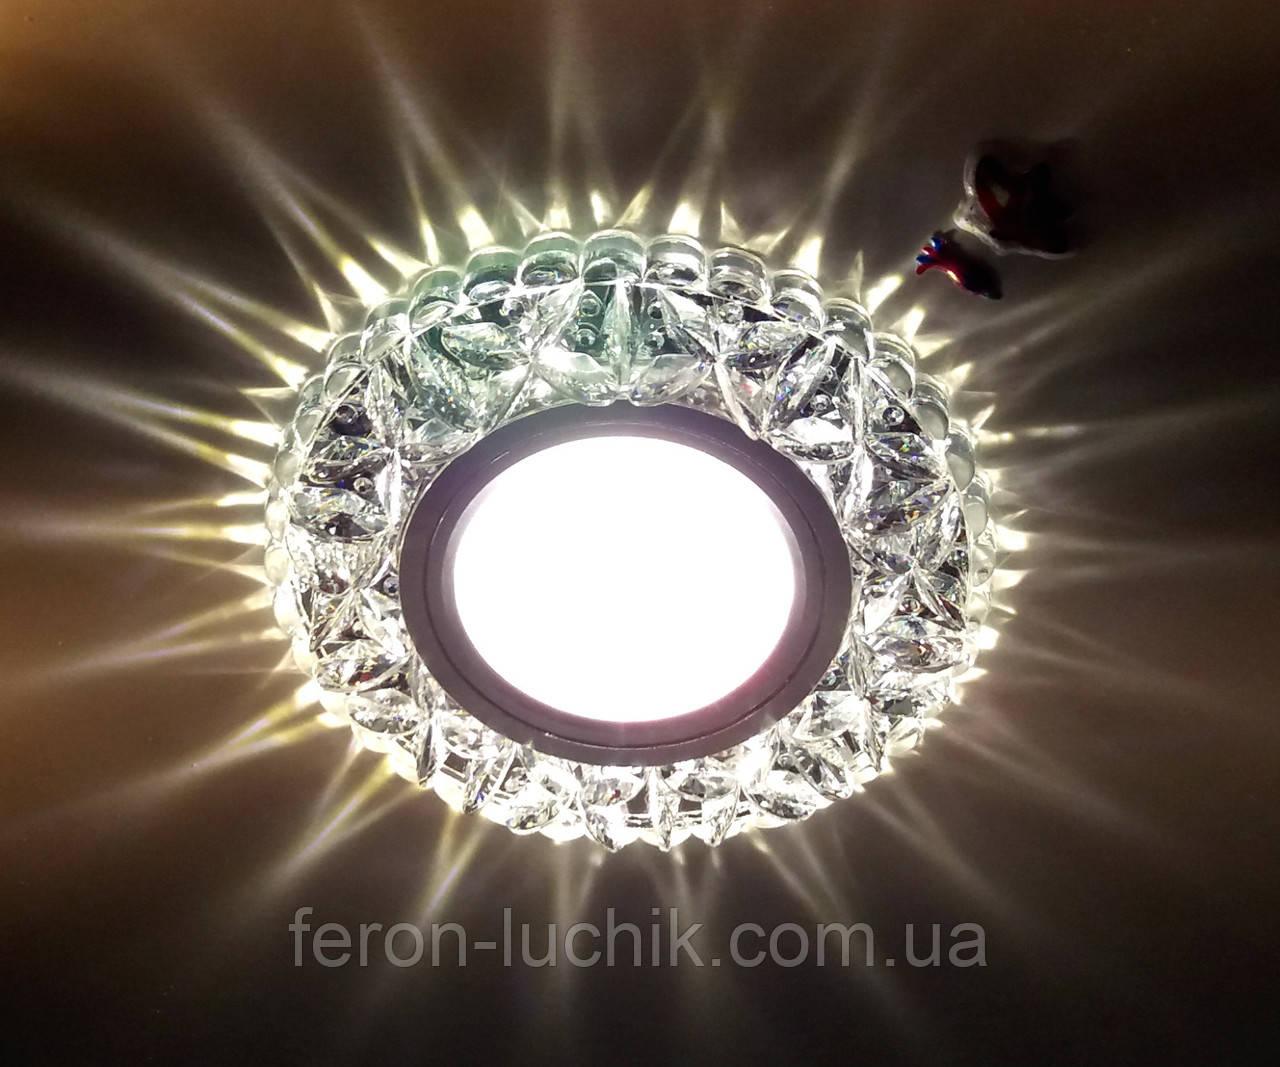 Встраиваемый светильник Feron 7103 с LED подсветкой потолочный точечный